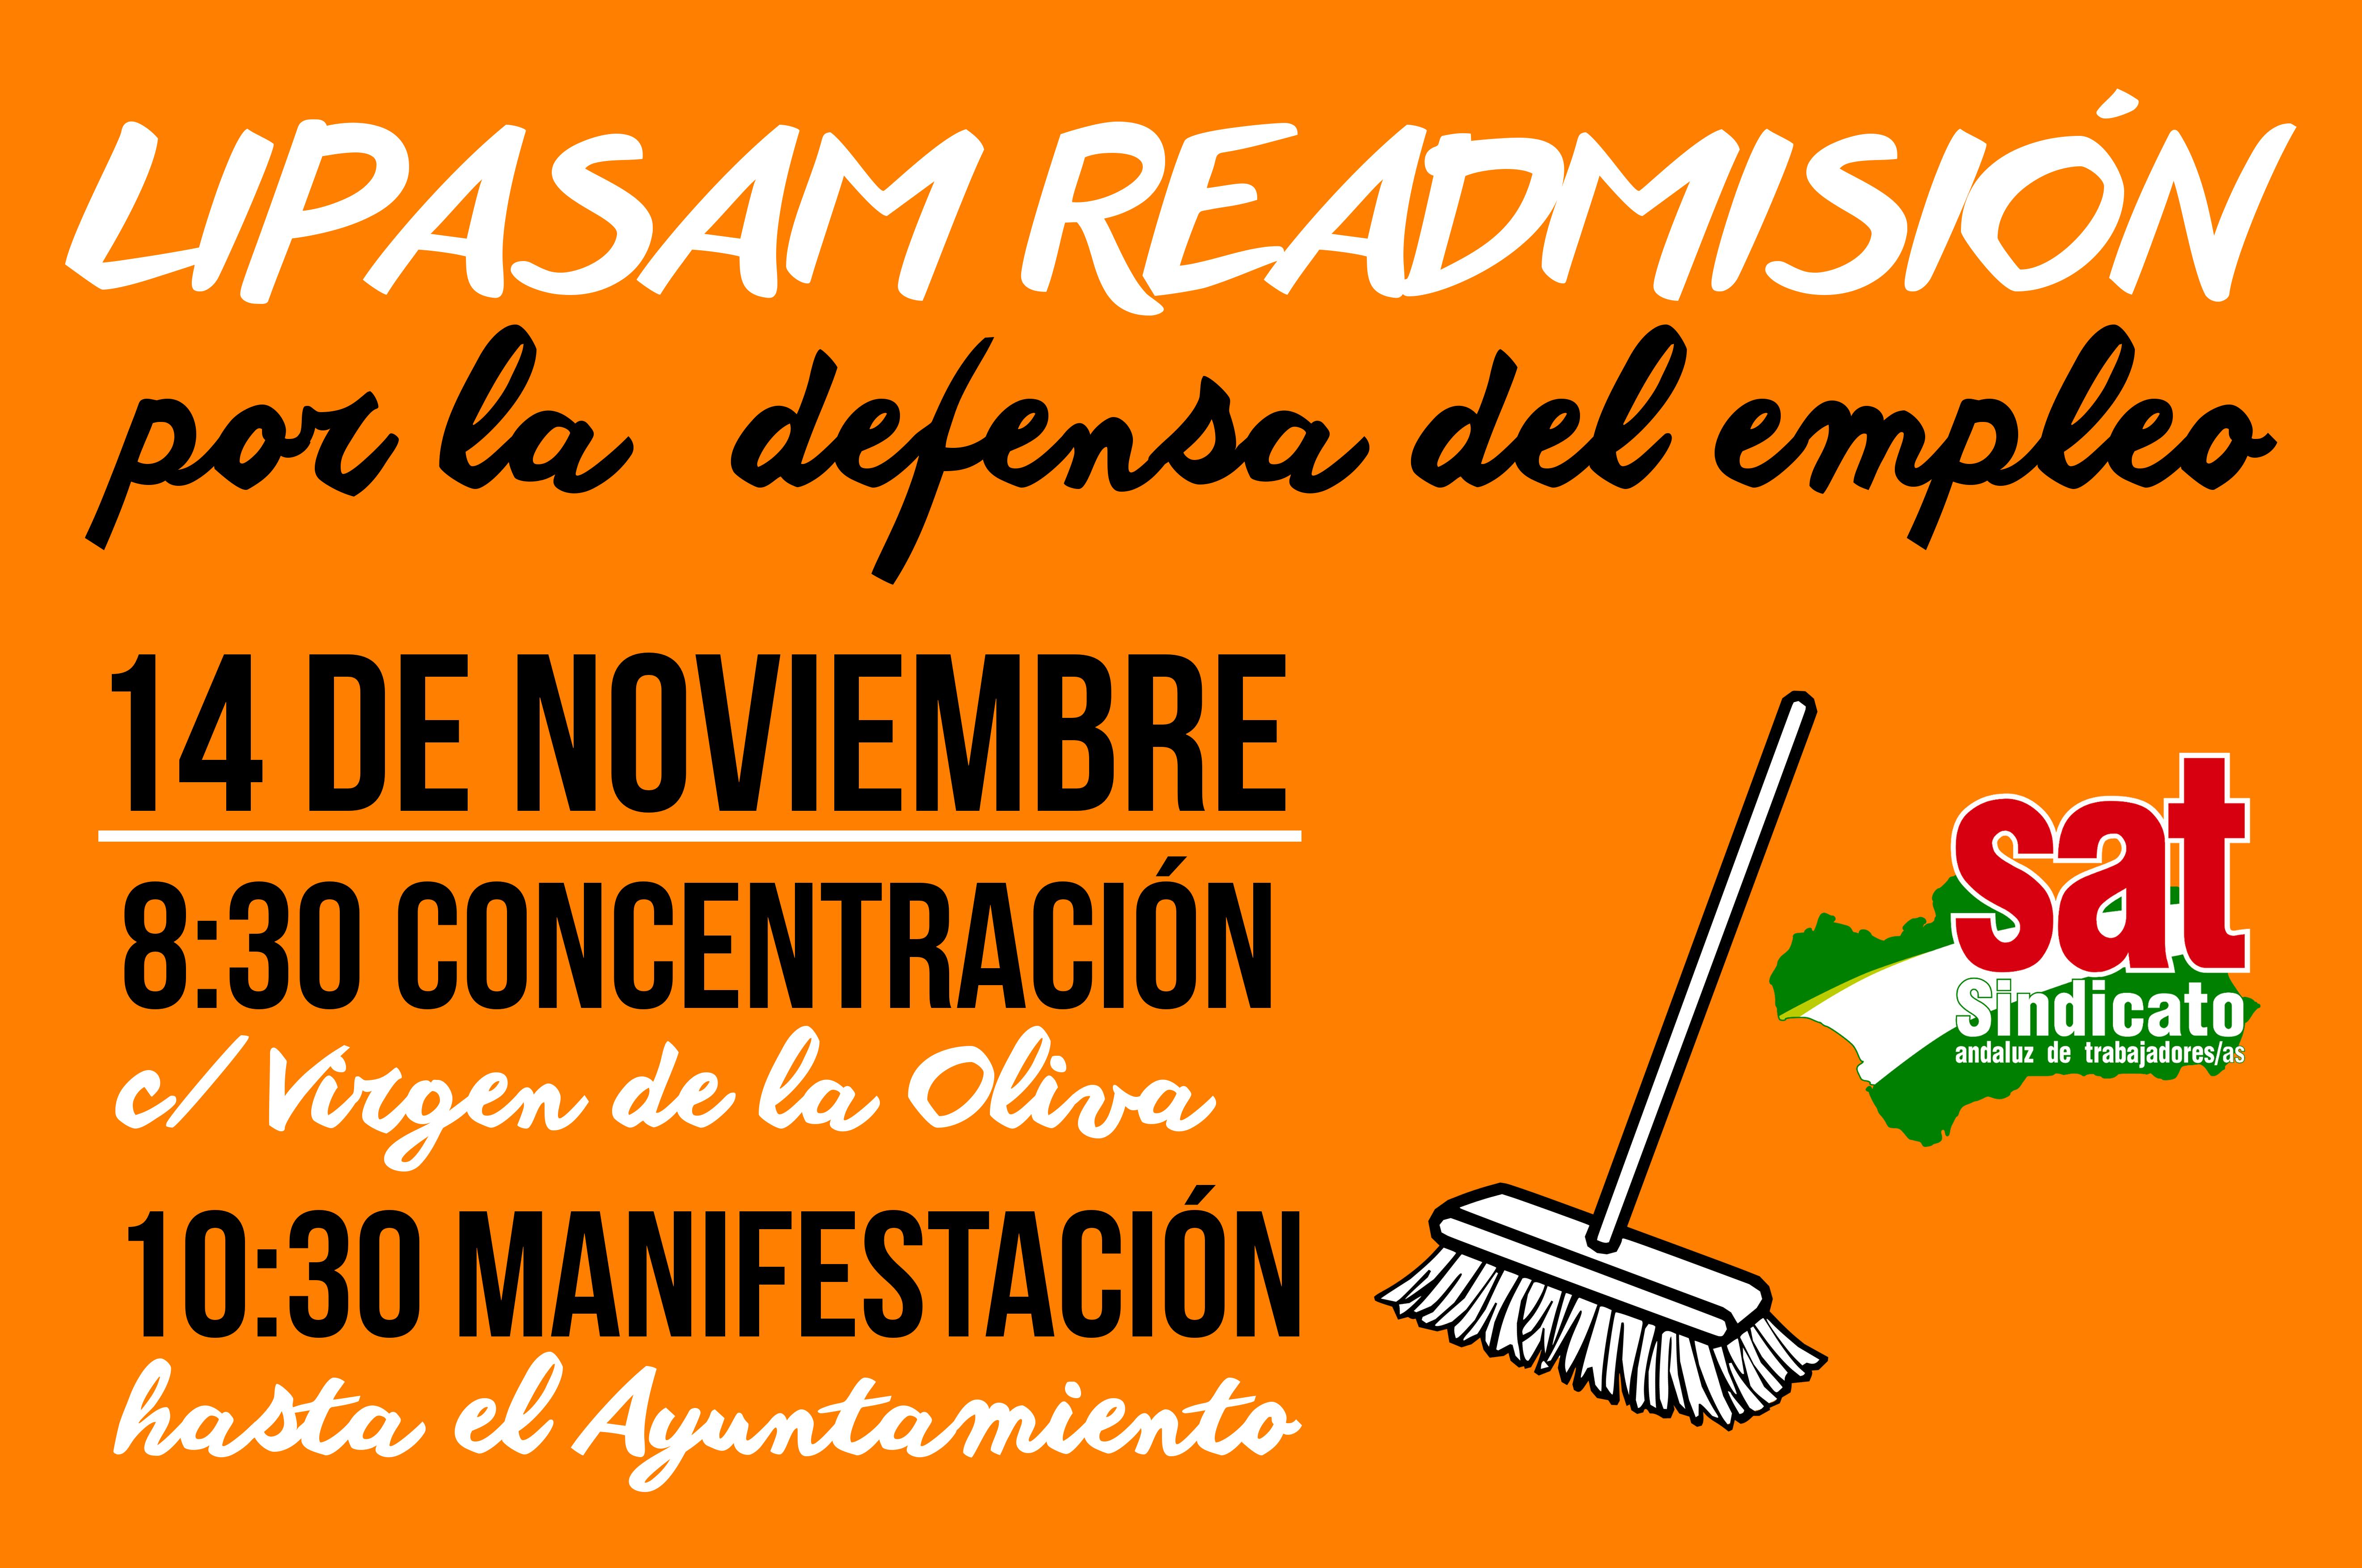 Manifestación LIPASAM